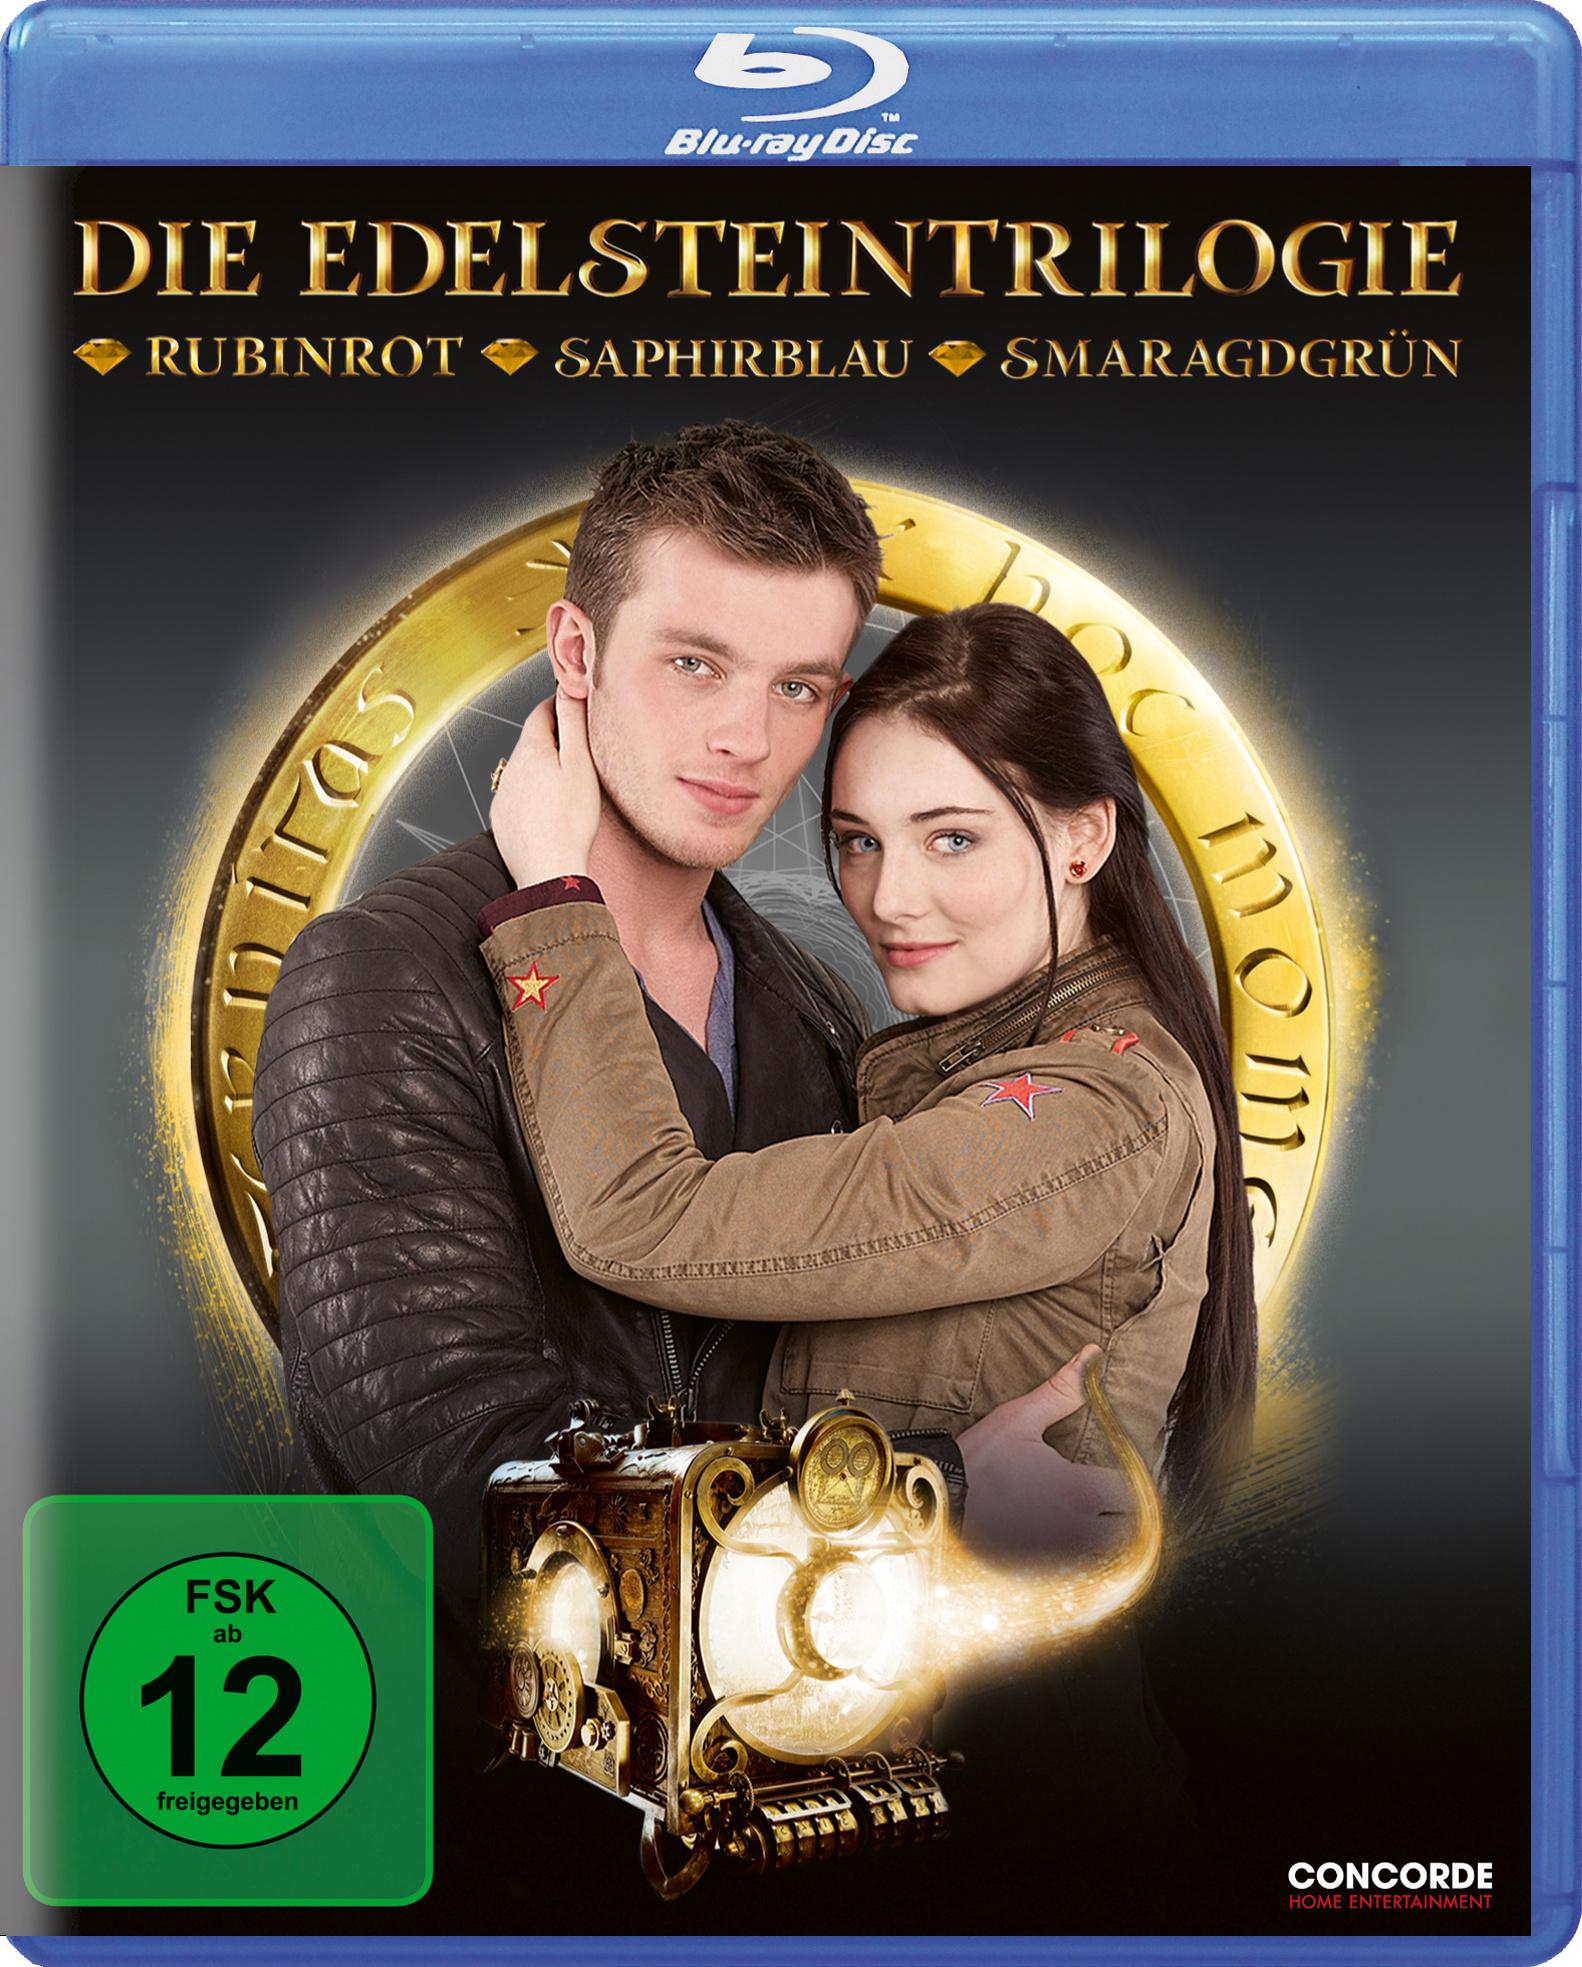 Image of Die Edelstein-Trilogie